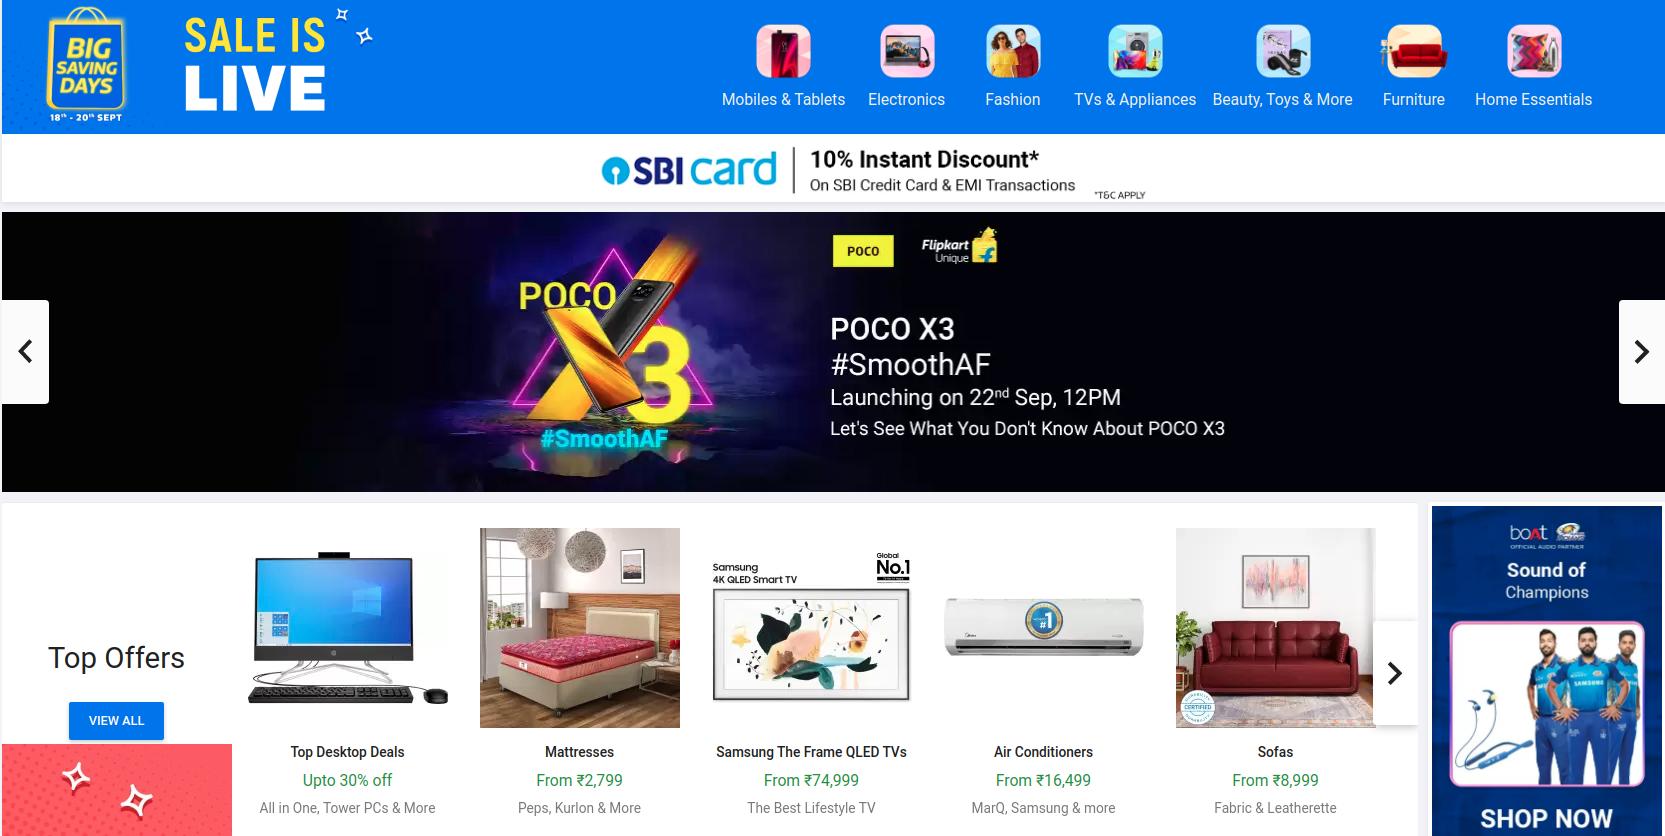 Flipkart Big Saving Days Sale Offers   Sep 18-20 Deals  ( 2020 )